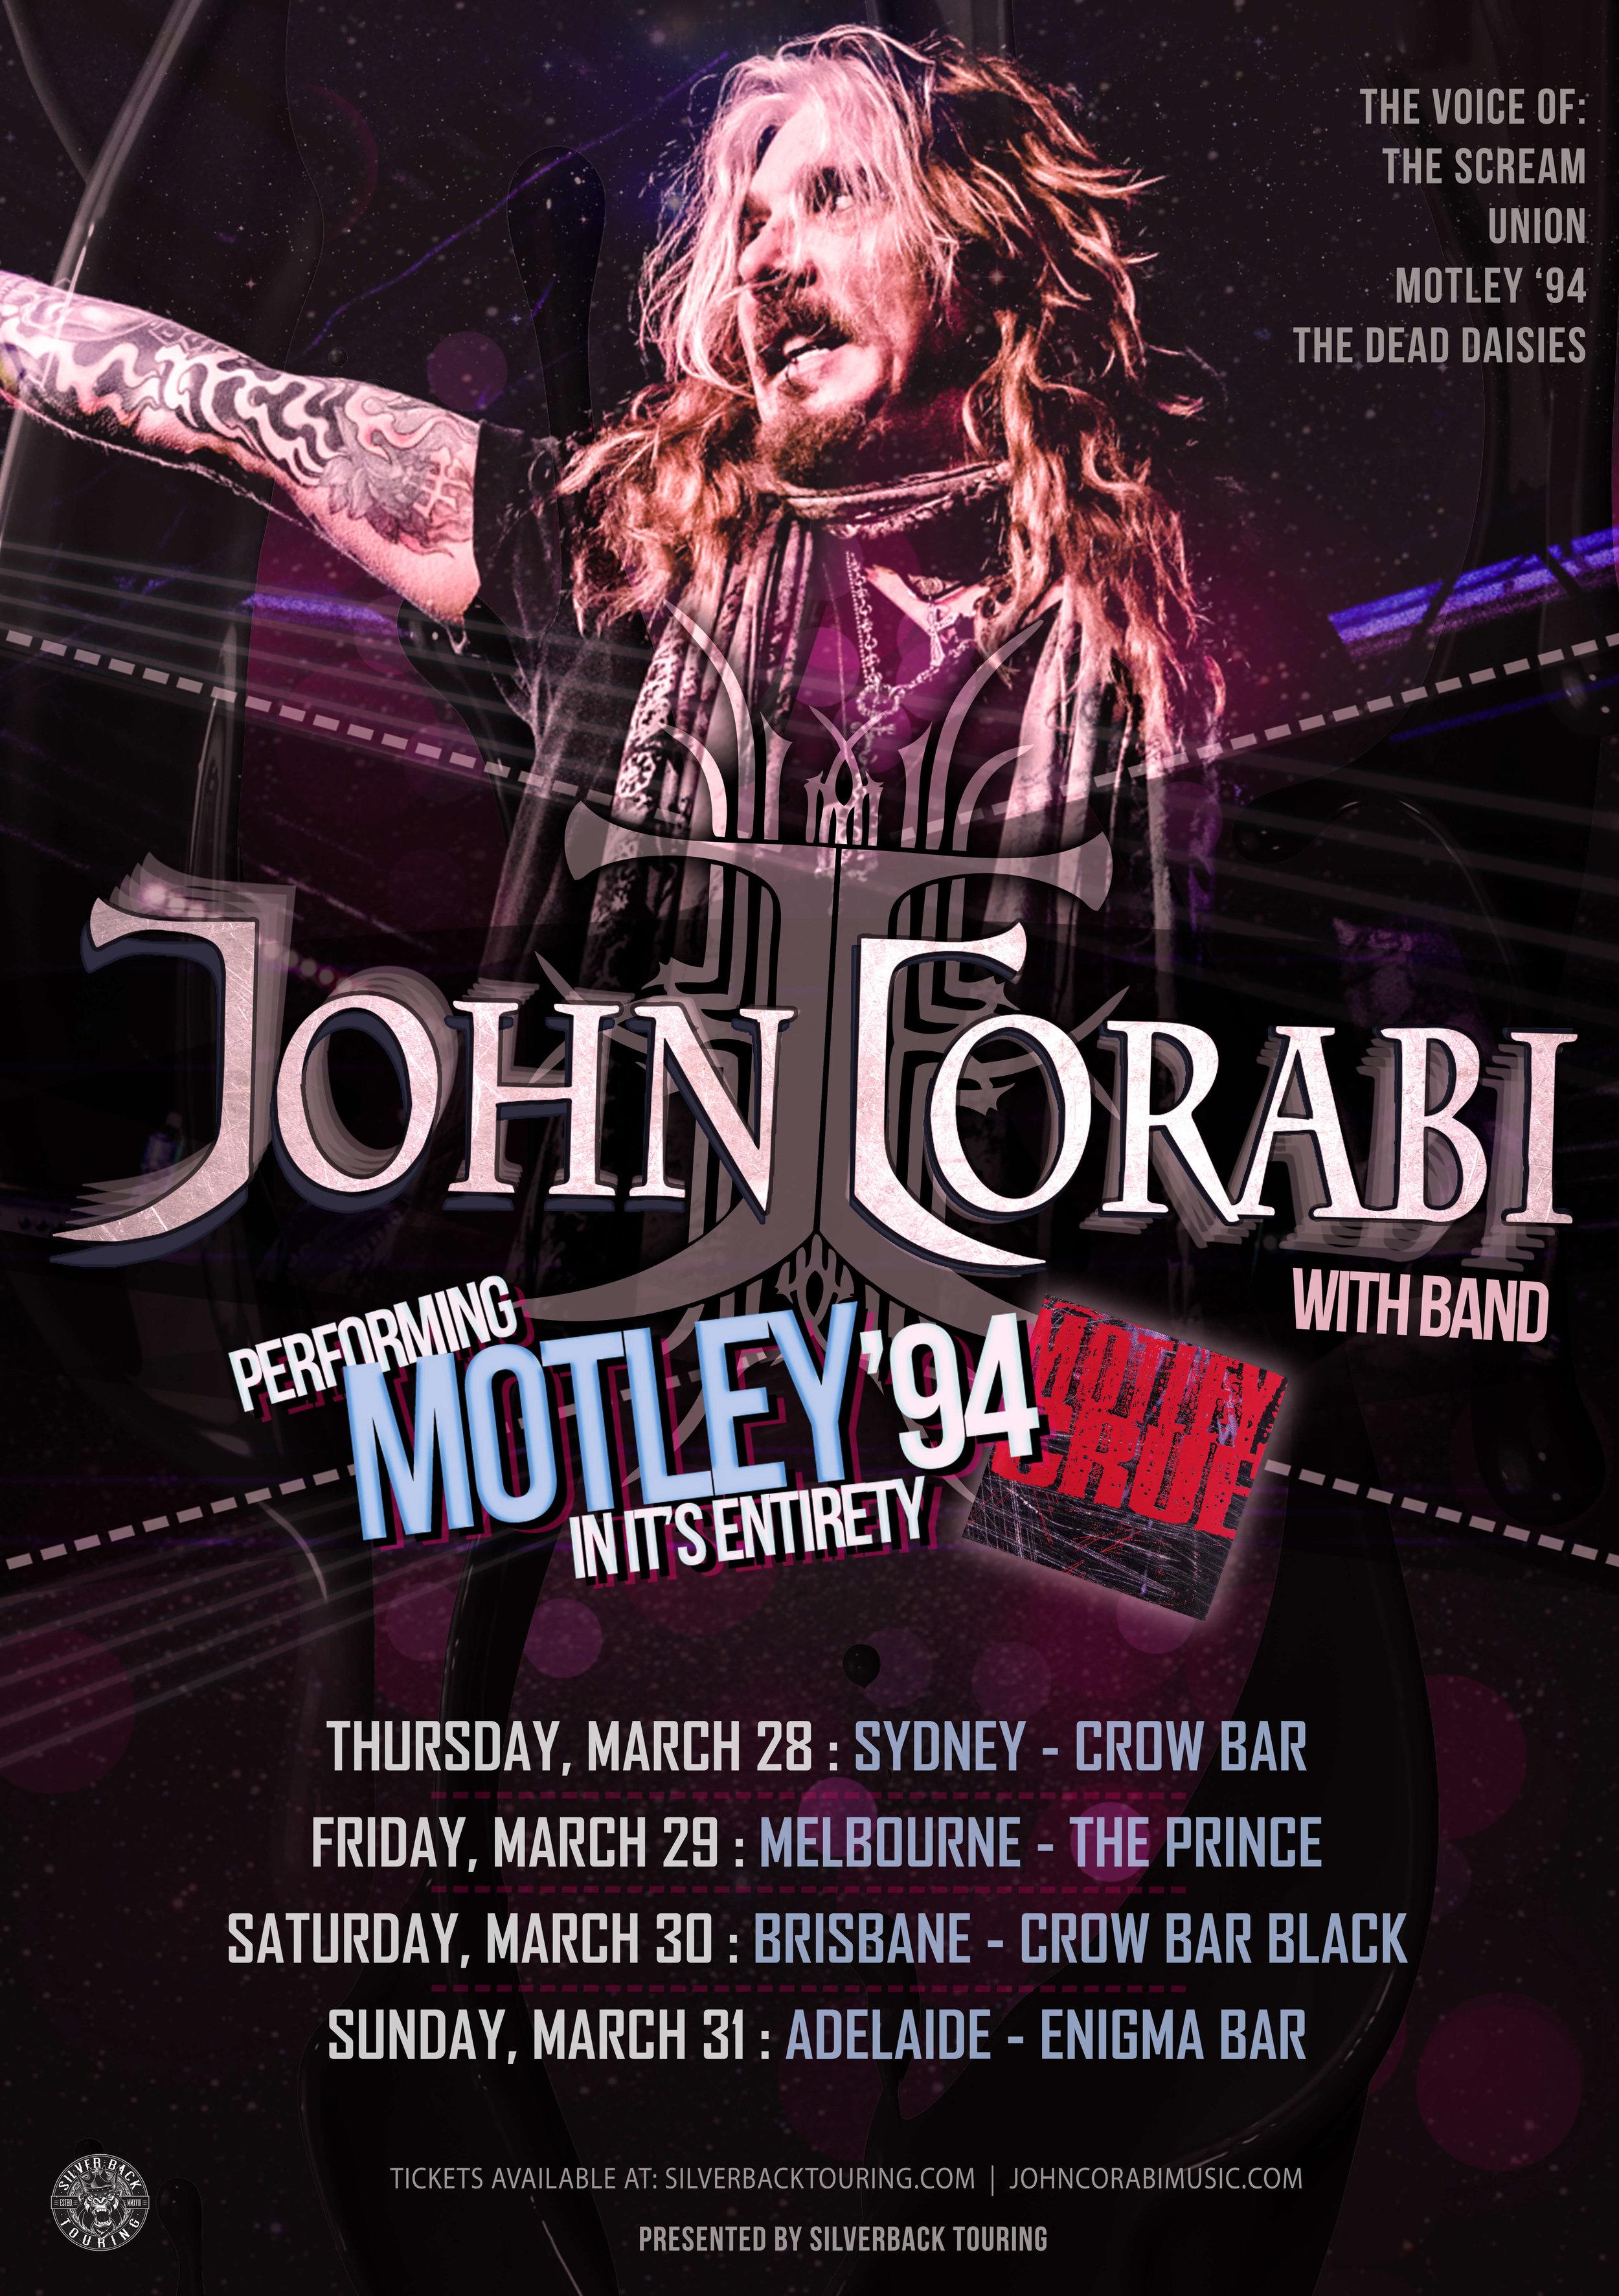 John Corabi - Motley 94 - Australian tour